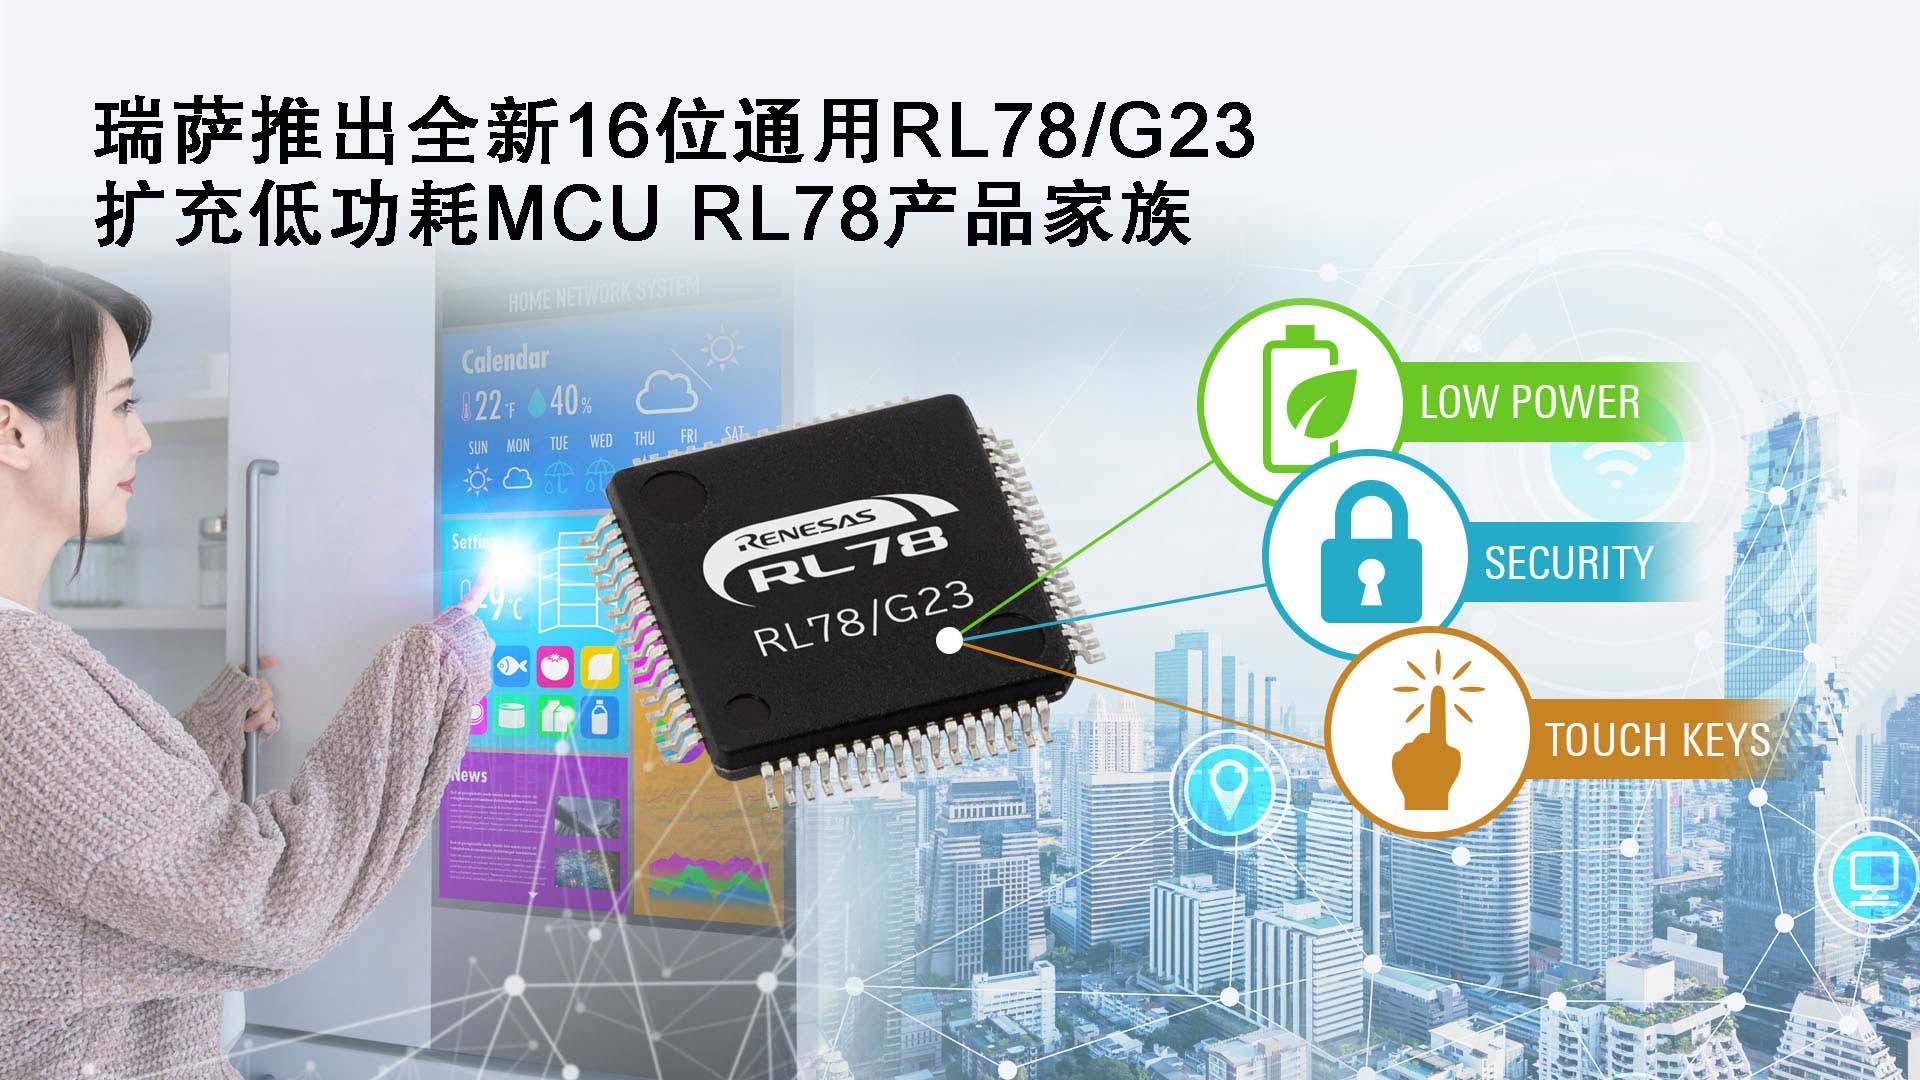 瑞萨电子推出16位通用RL78/G23 扩充低功耗MCU RL78产品家族